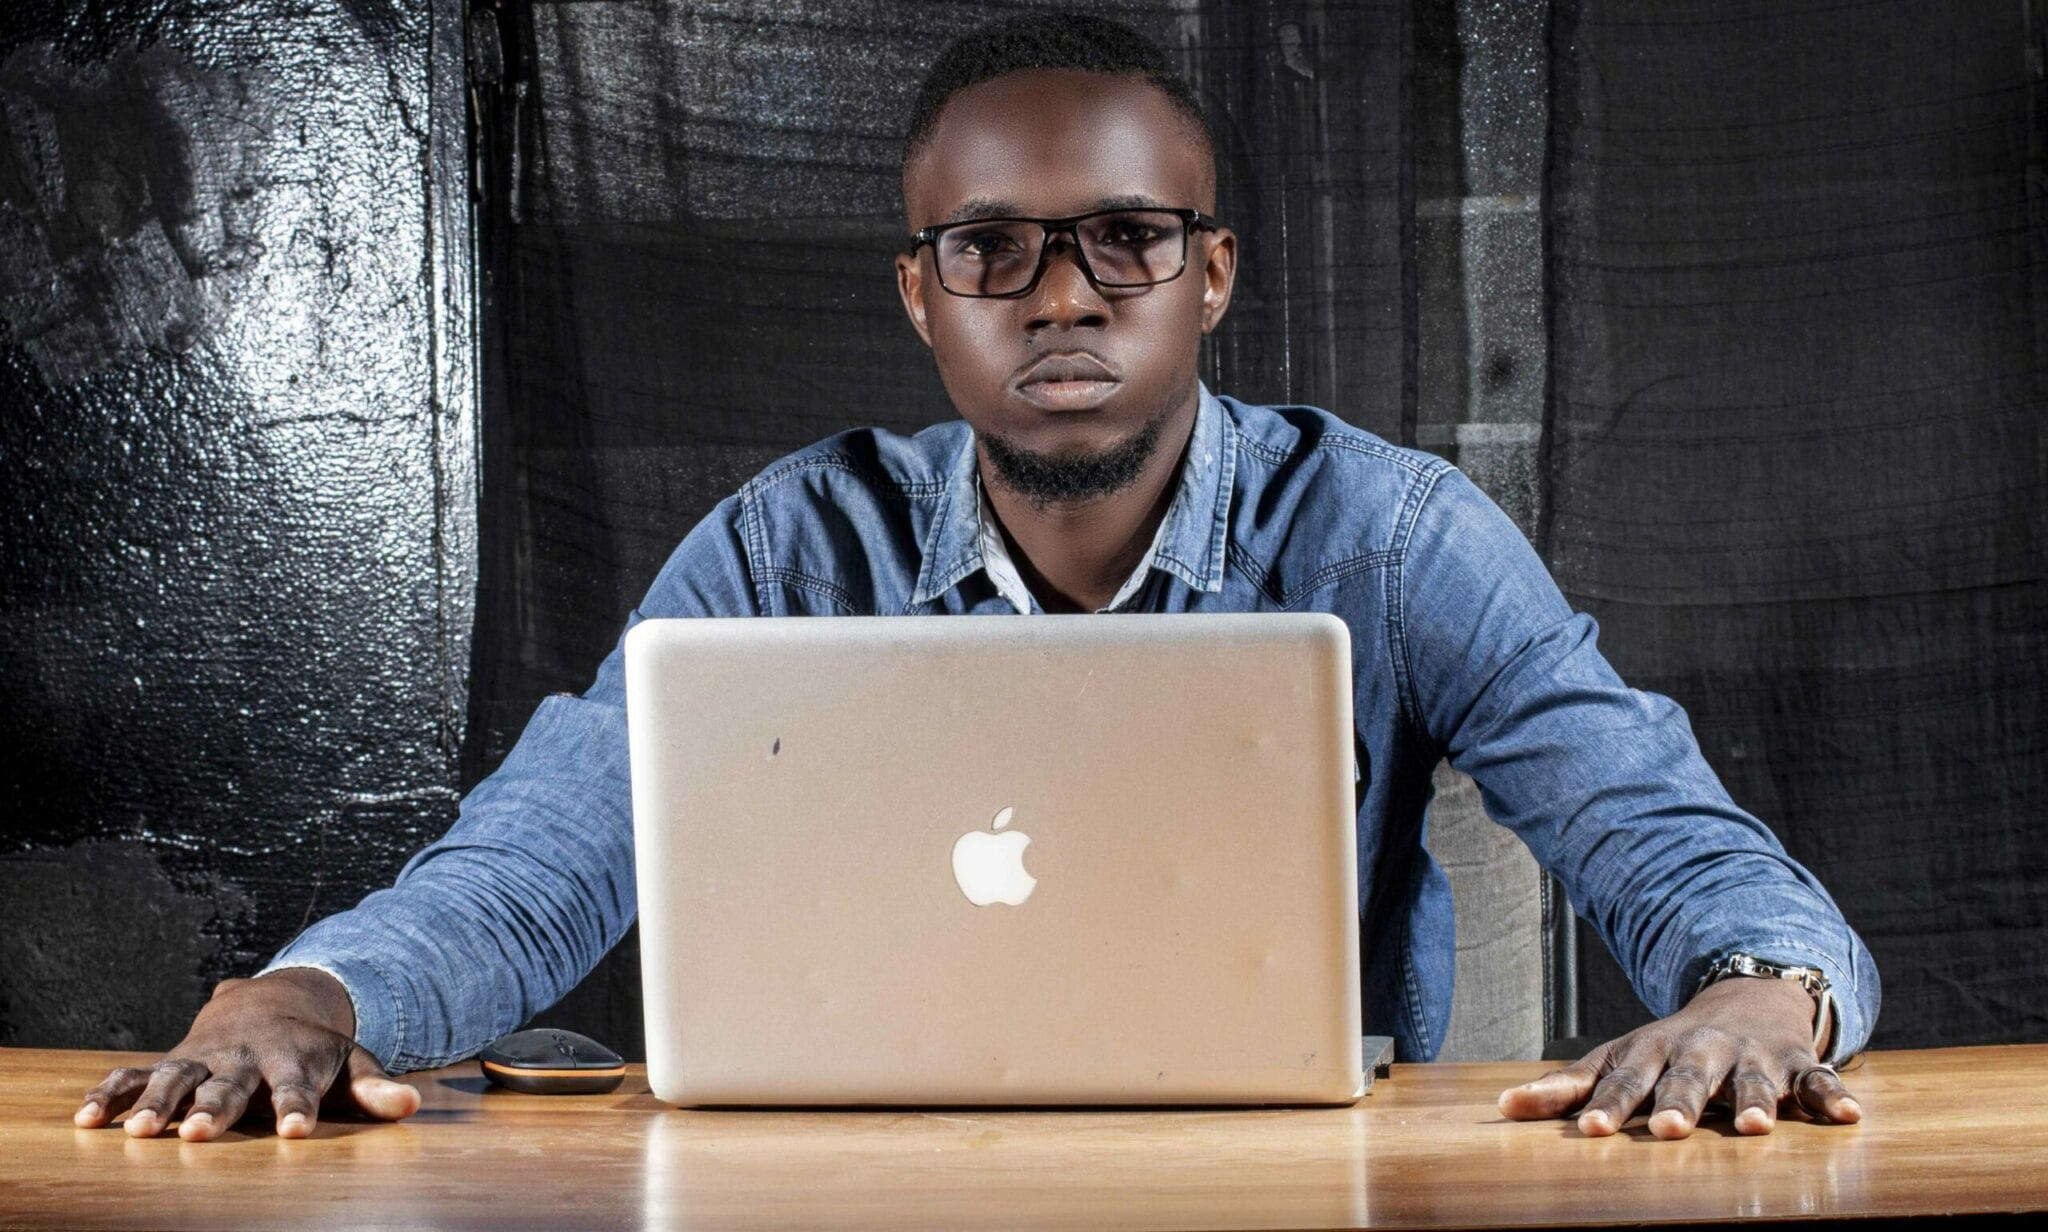 Yoan Taba est un le jeune Congolais de 21 ans qui à developpé l'app Muendo